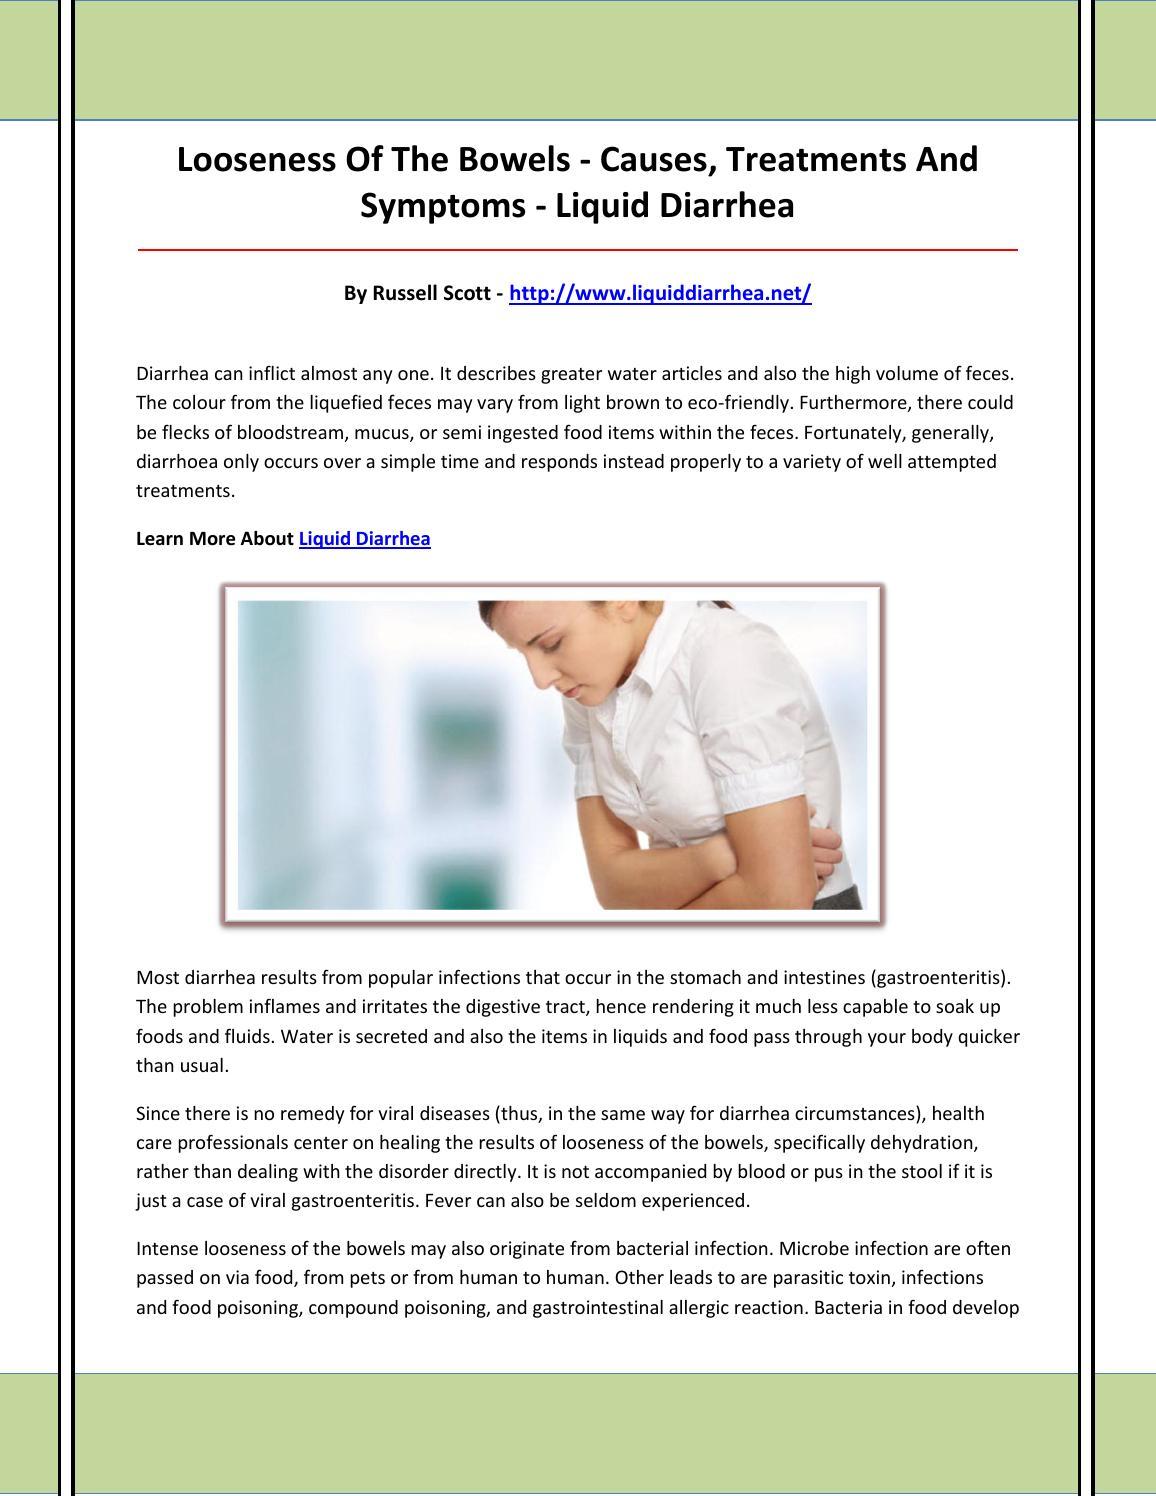 Liquid Diarrhea By Sadfsfs   Issuu